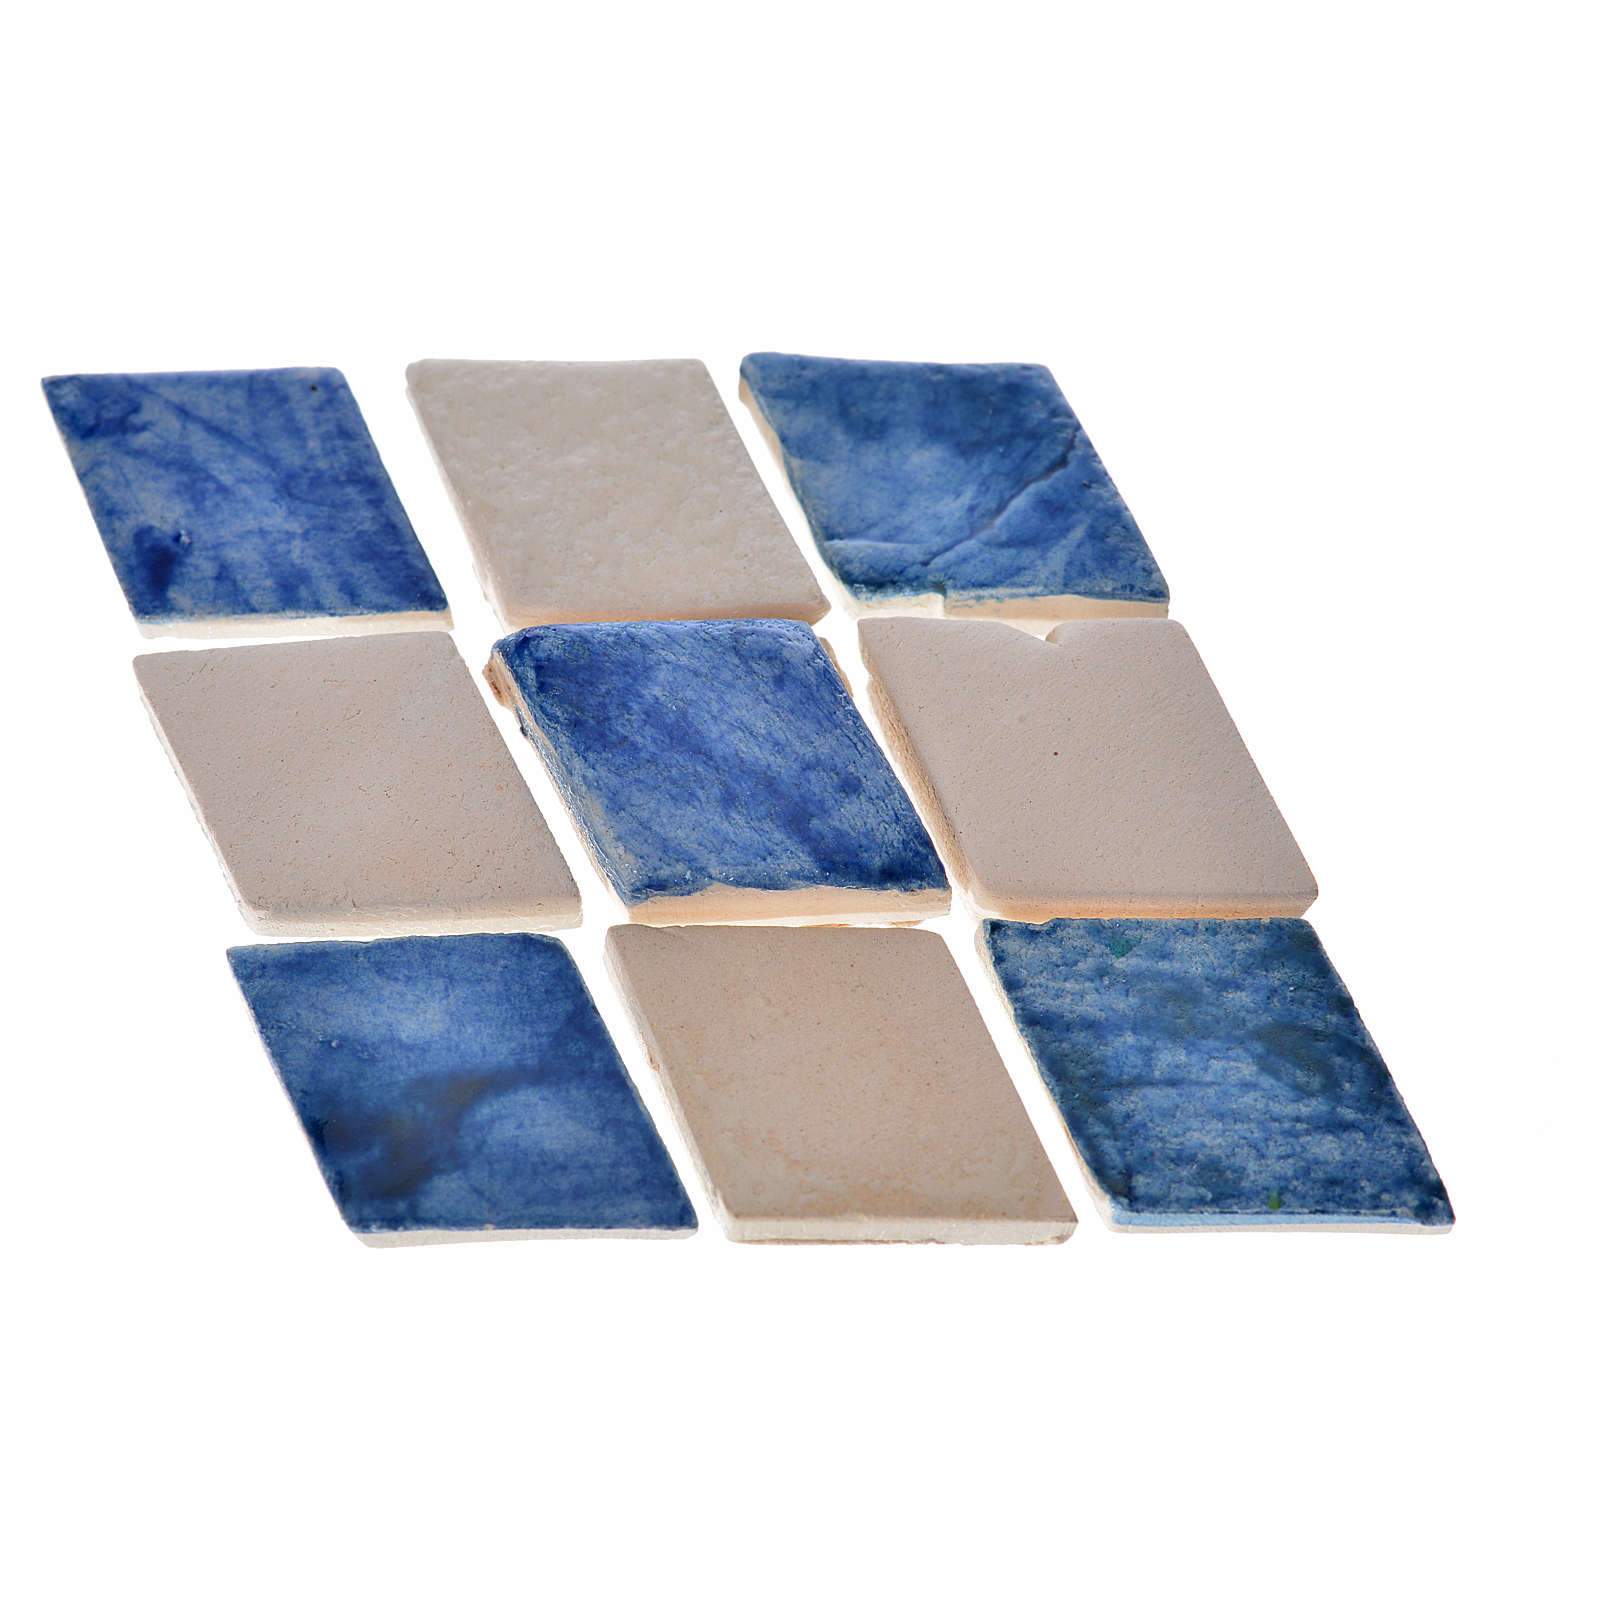 Carrelages mini-rhombes bleus crèche 60 pcs terre cuite 4